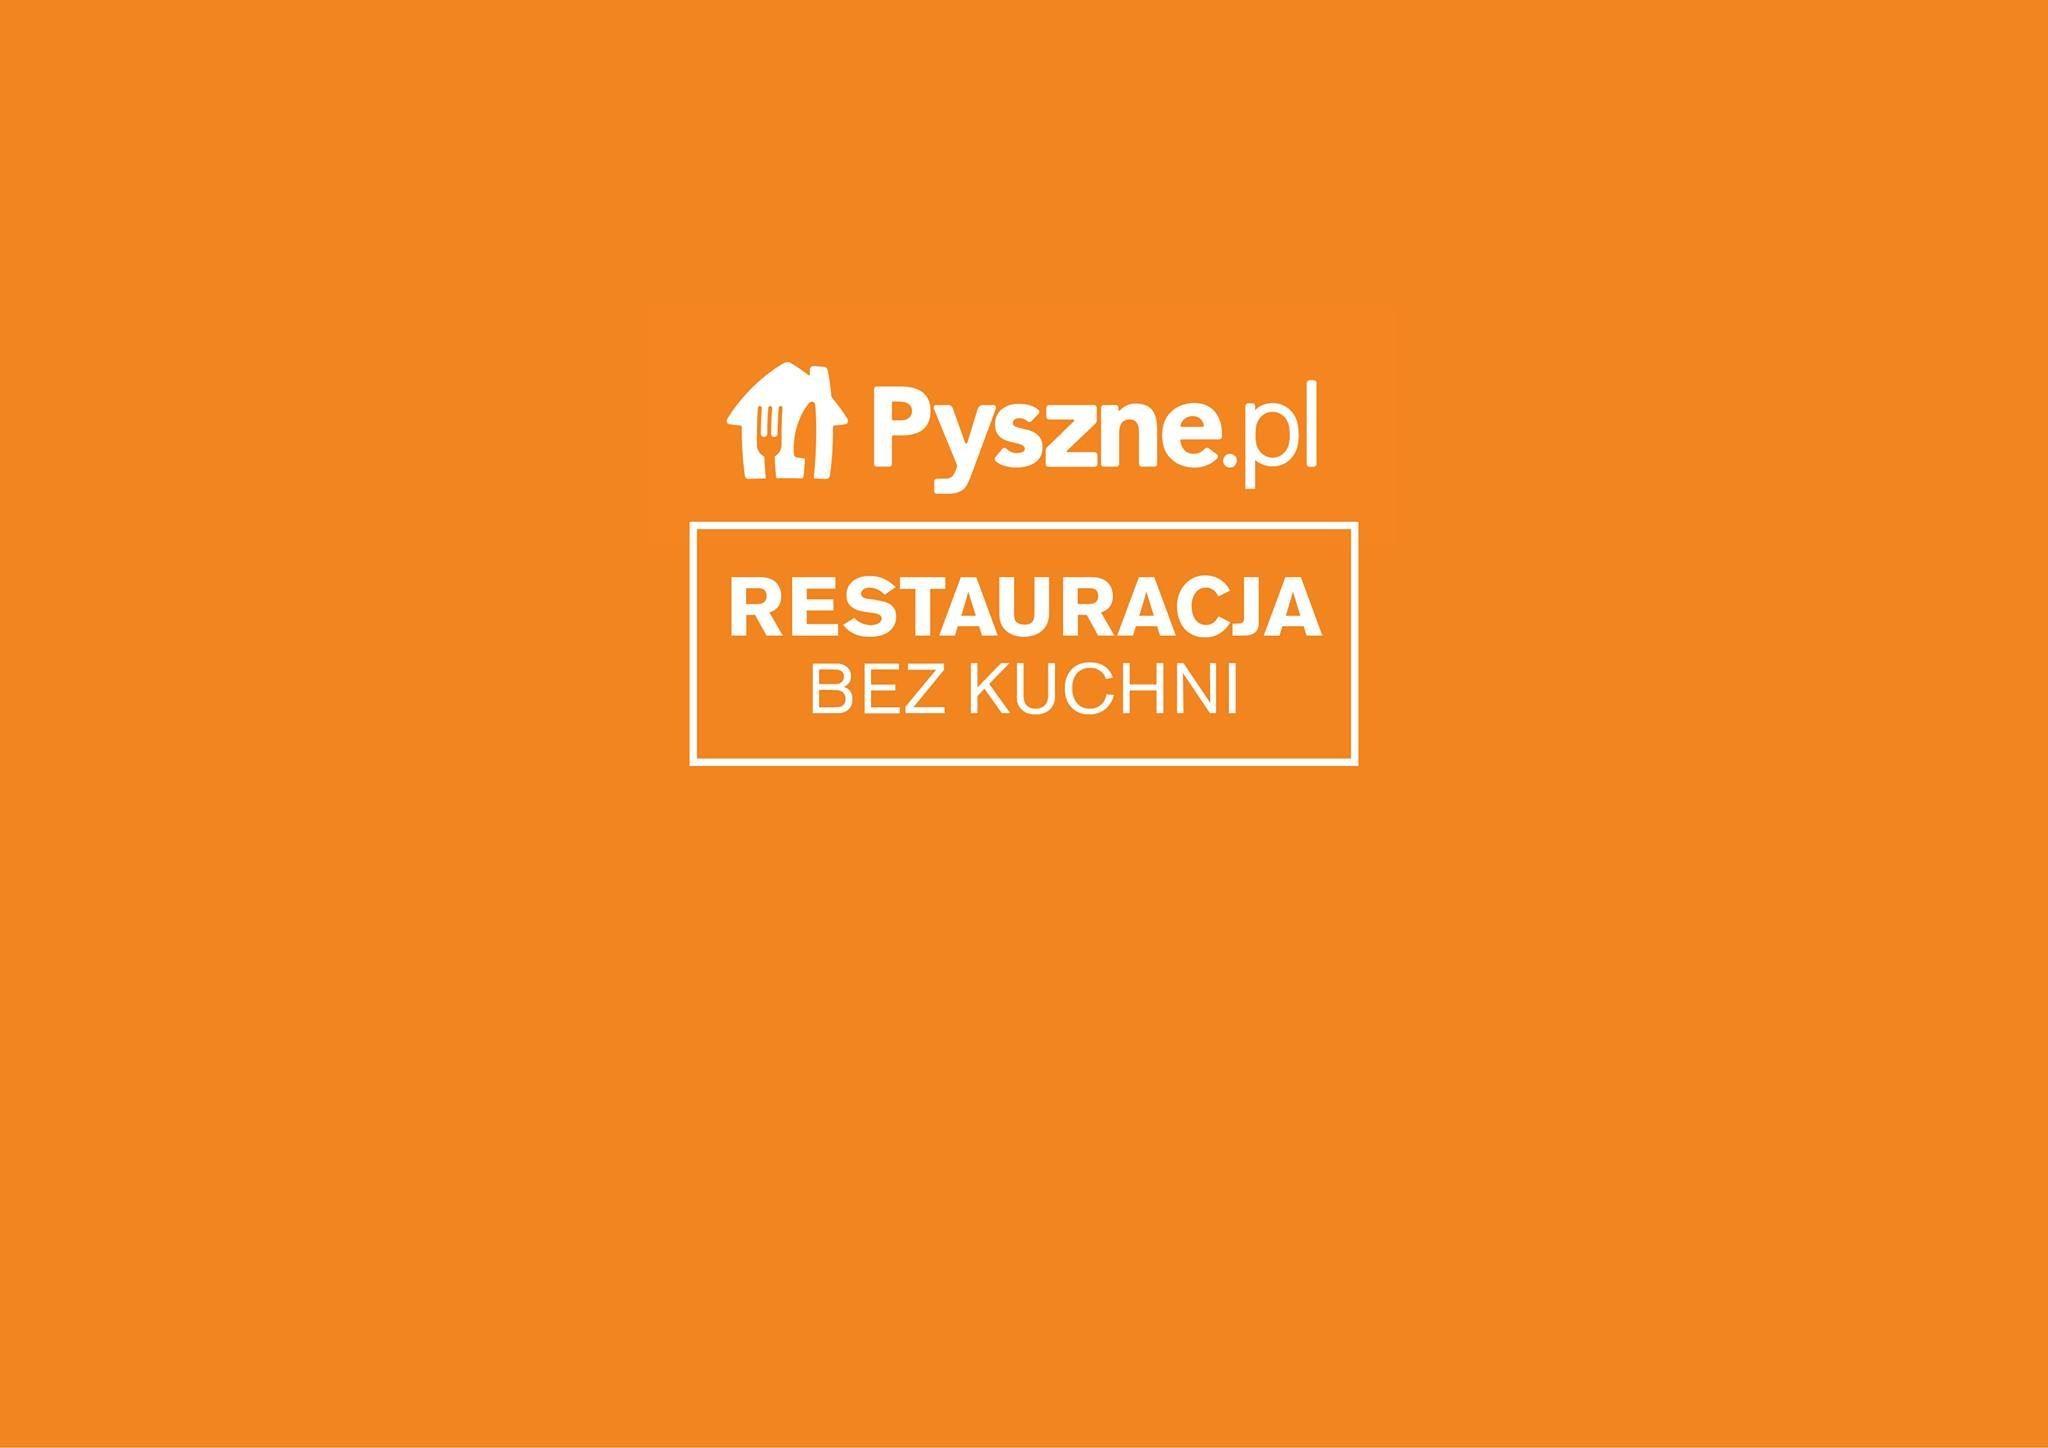 Stacjonarne restauracje zamknięte. Pyszne.pl dostosowuje się do pandemicznych warunków 23